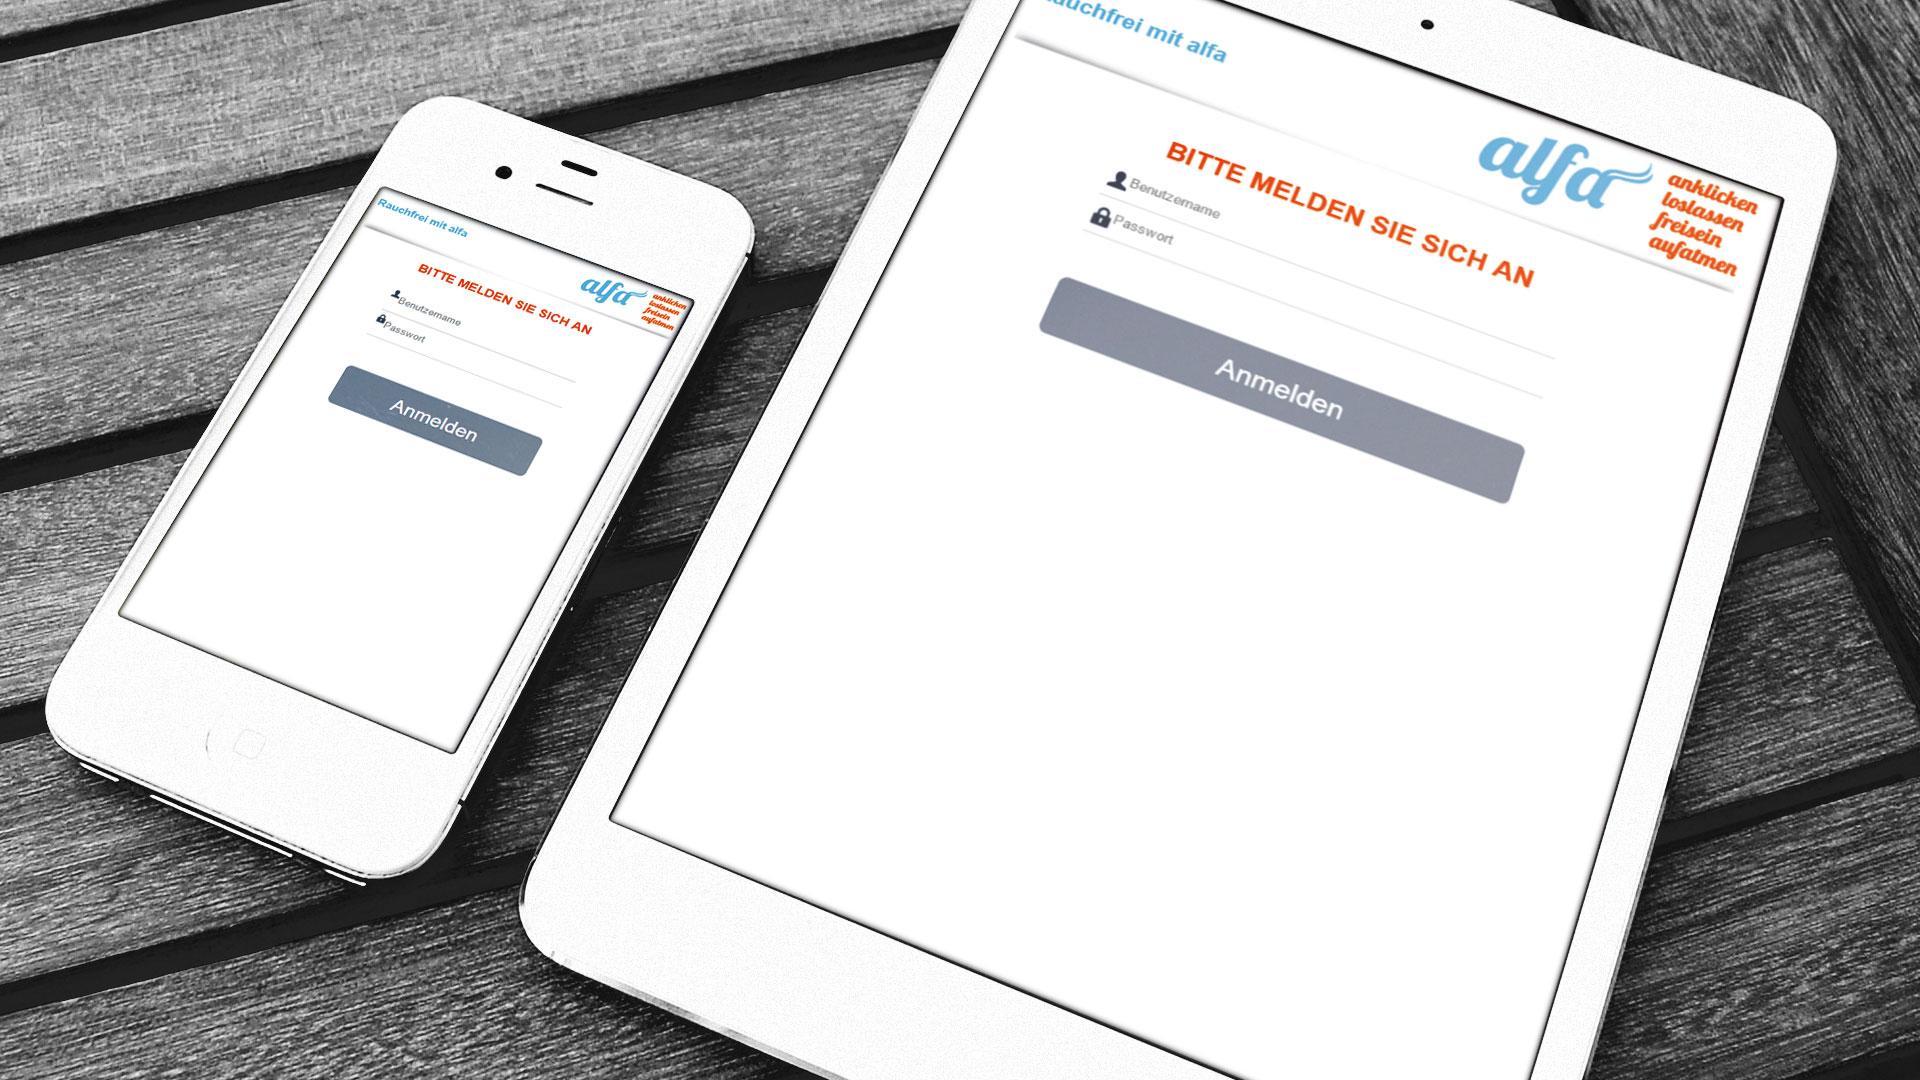 Alfa Wendepunkt Rauchfrei App